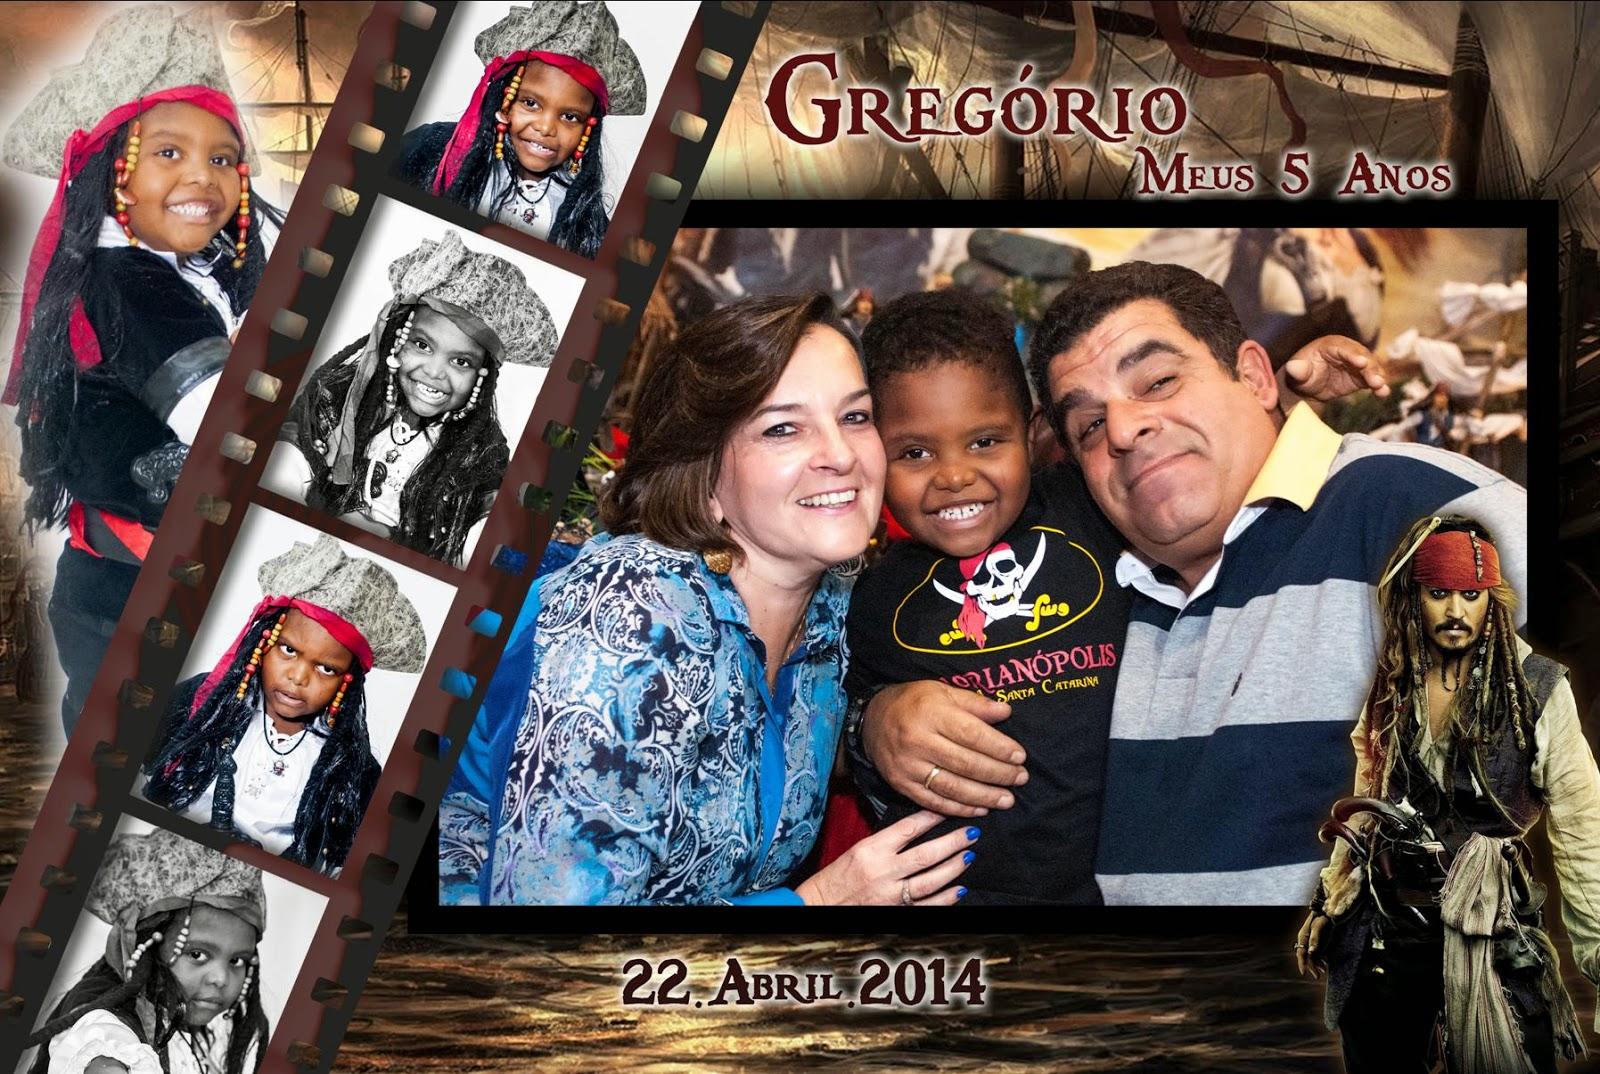 http://fotos-lembranca.blogspot.com.br/2014/04/20140426-gregorio-piratas-do-caribe.html